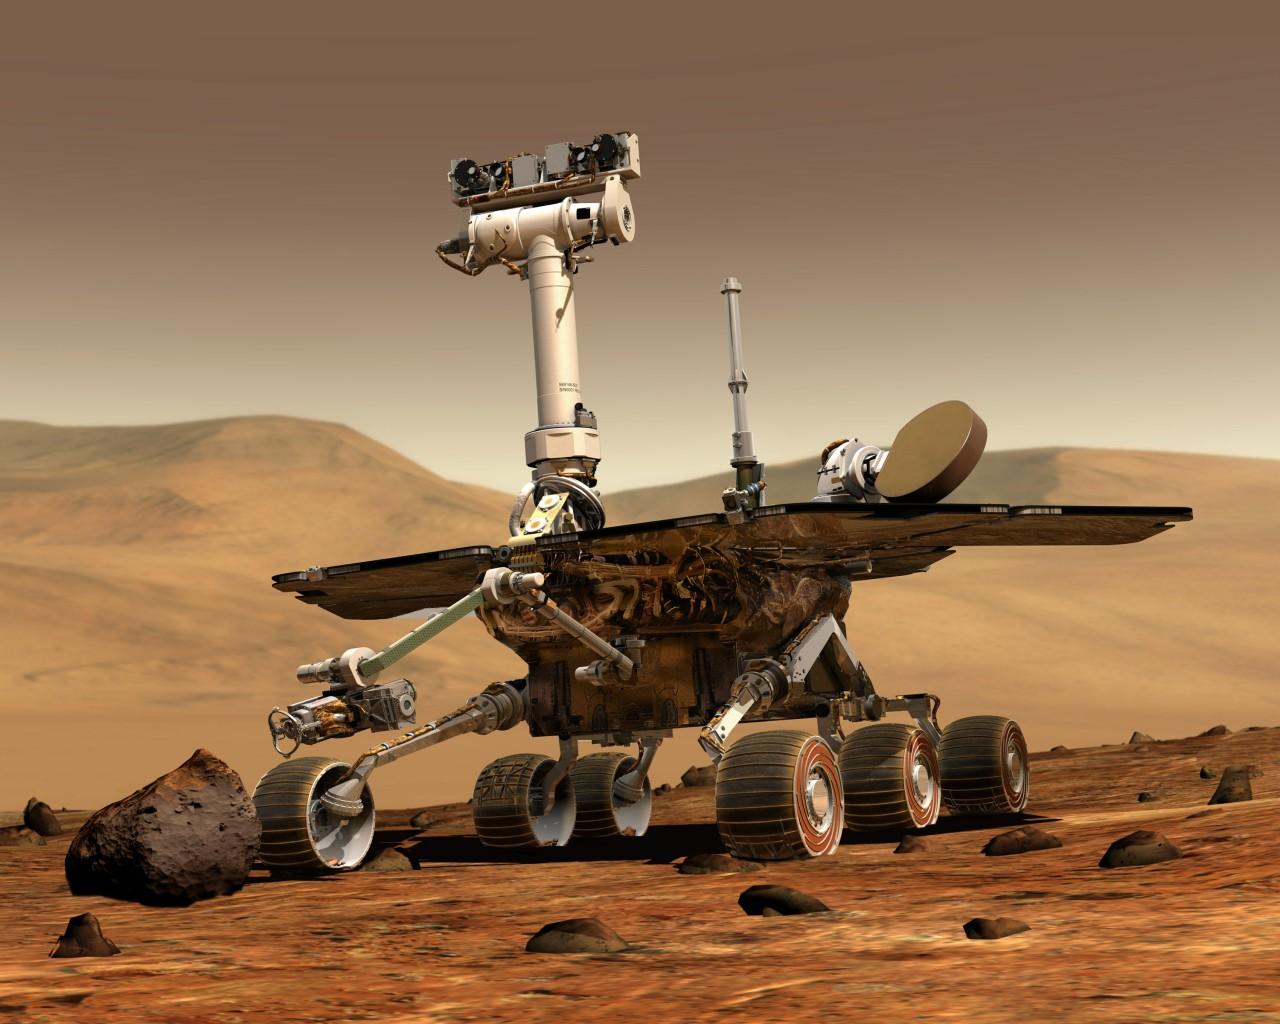 O robô explorador Opportunity recebeu recentemente um pacote de software com Inteligência Artificial. Crédito: NASA